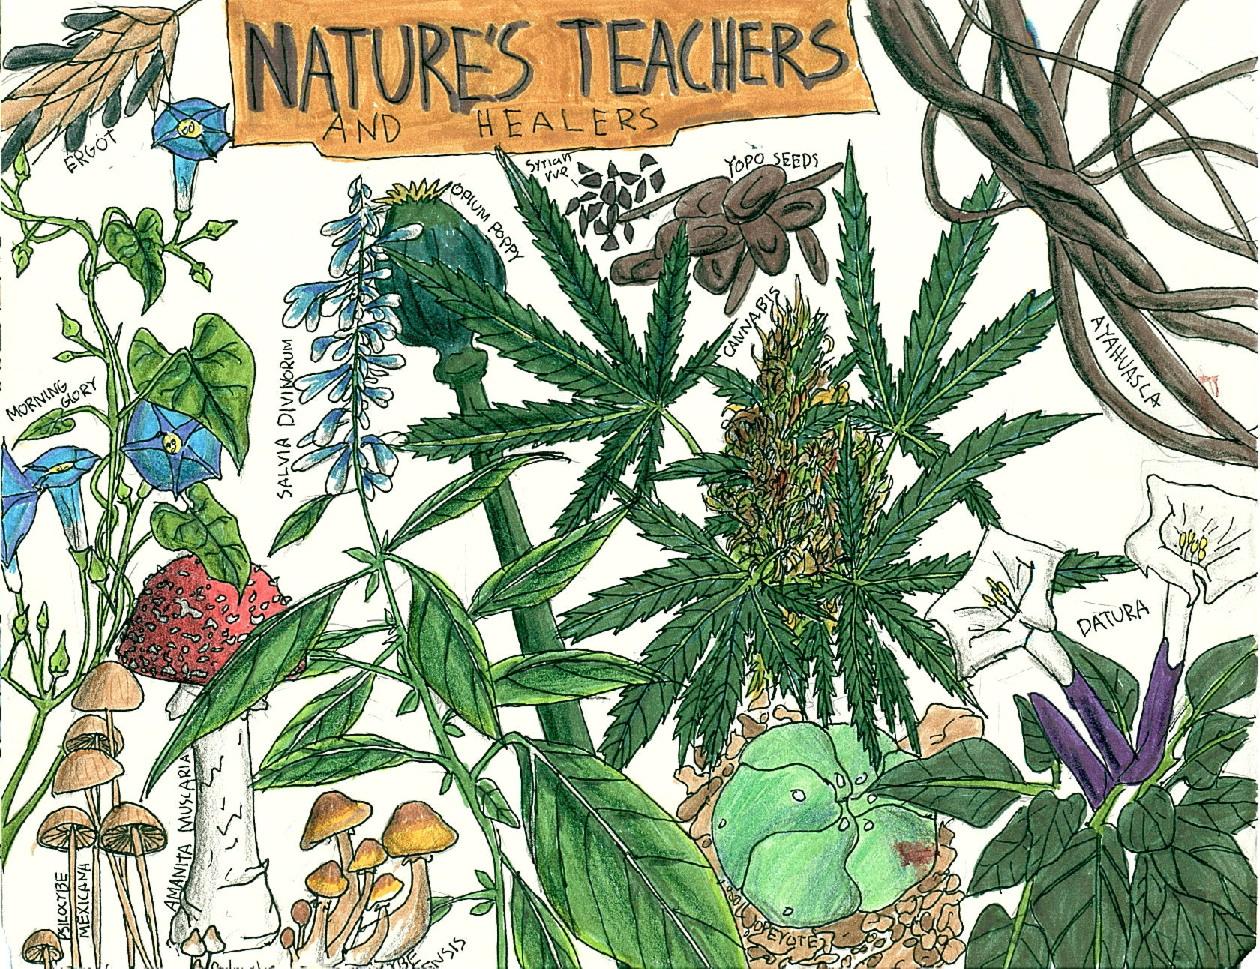 psychedelic-medicine-natures-teachers-healers